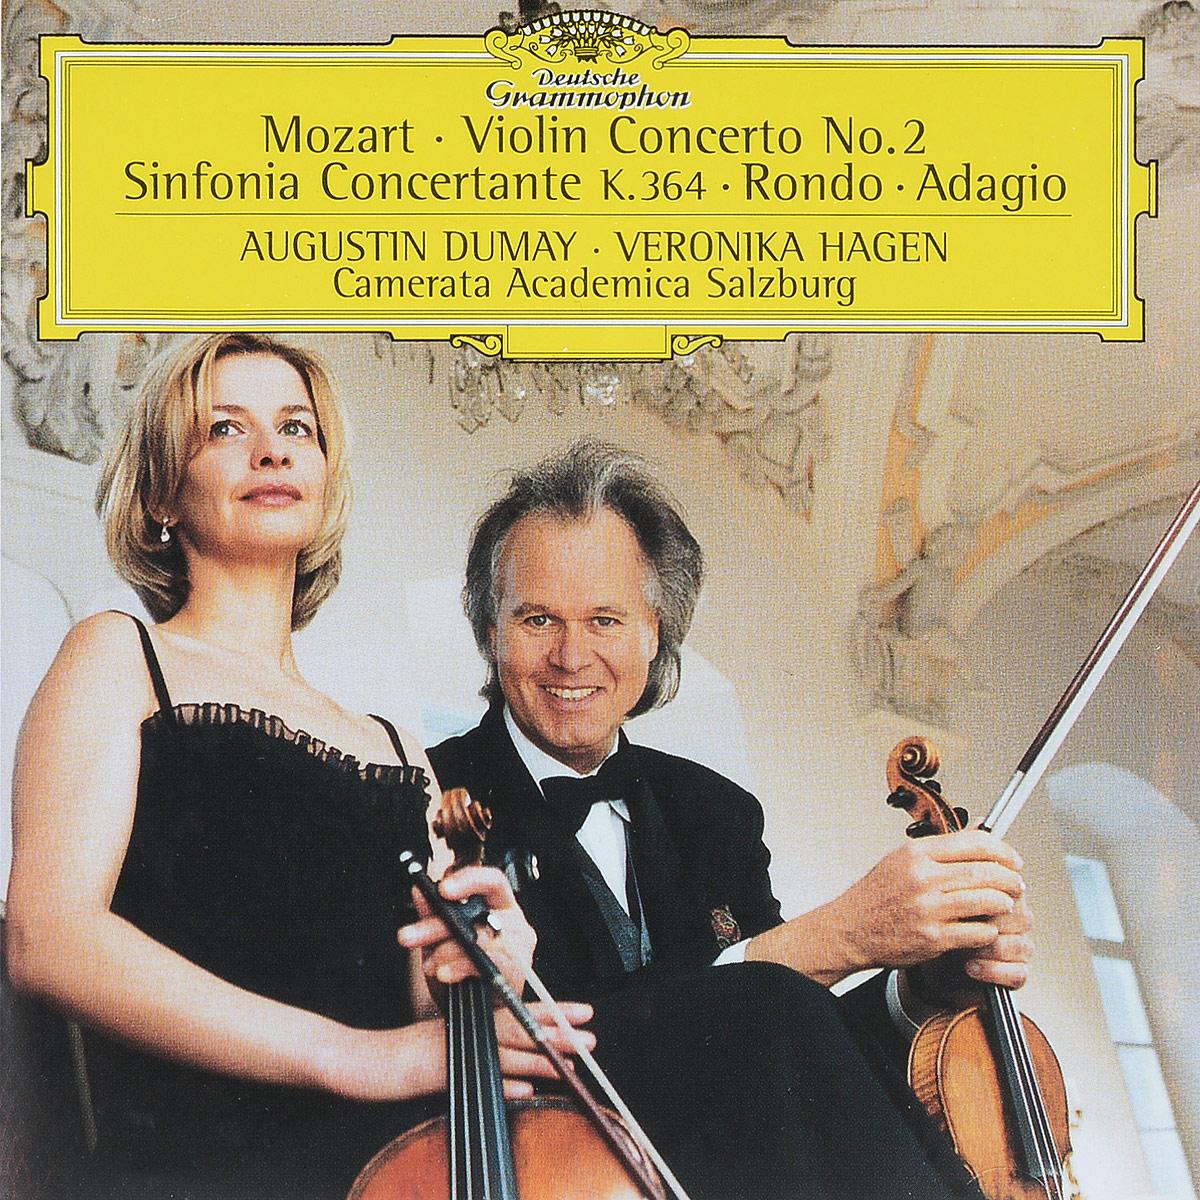 Mozart. Augustin Dumay. Veronika Hagen, Camerata Academica Salzburg. Violin Concerto No.2. Sinfonia Concertante K.364. Rondo. Adagio